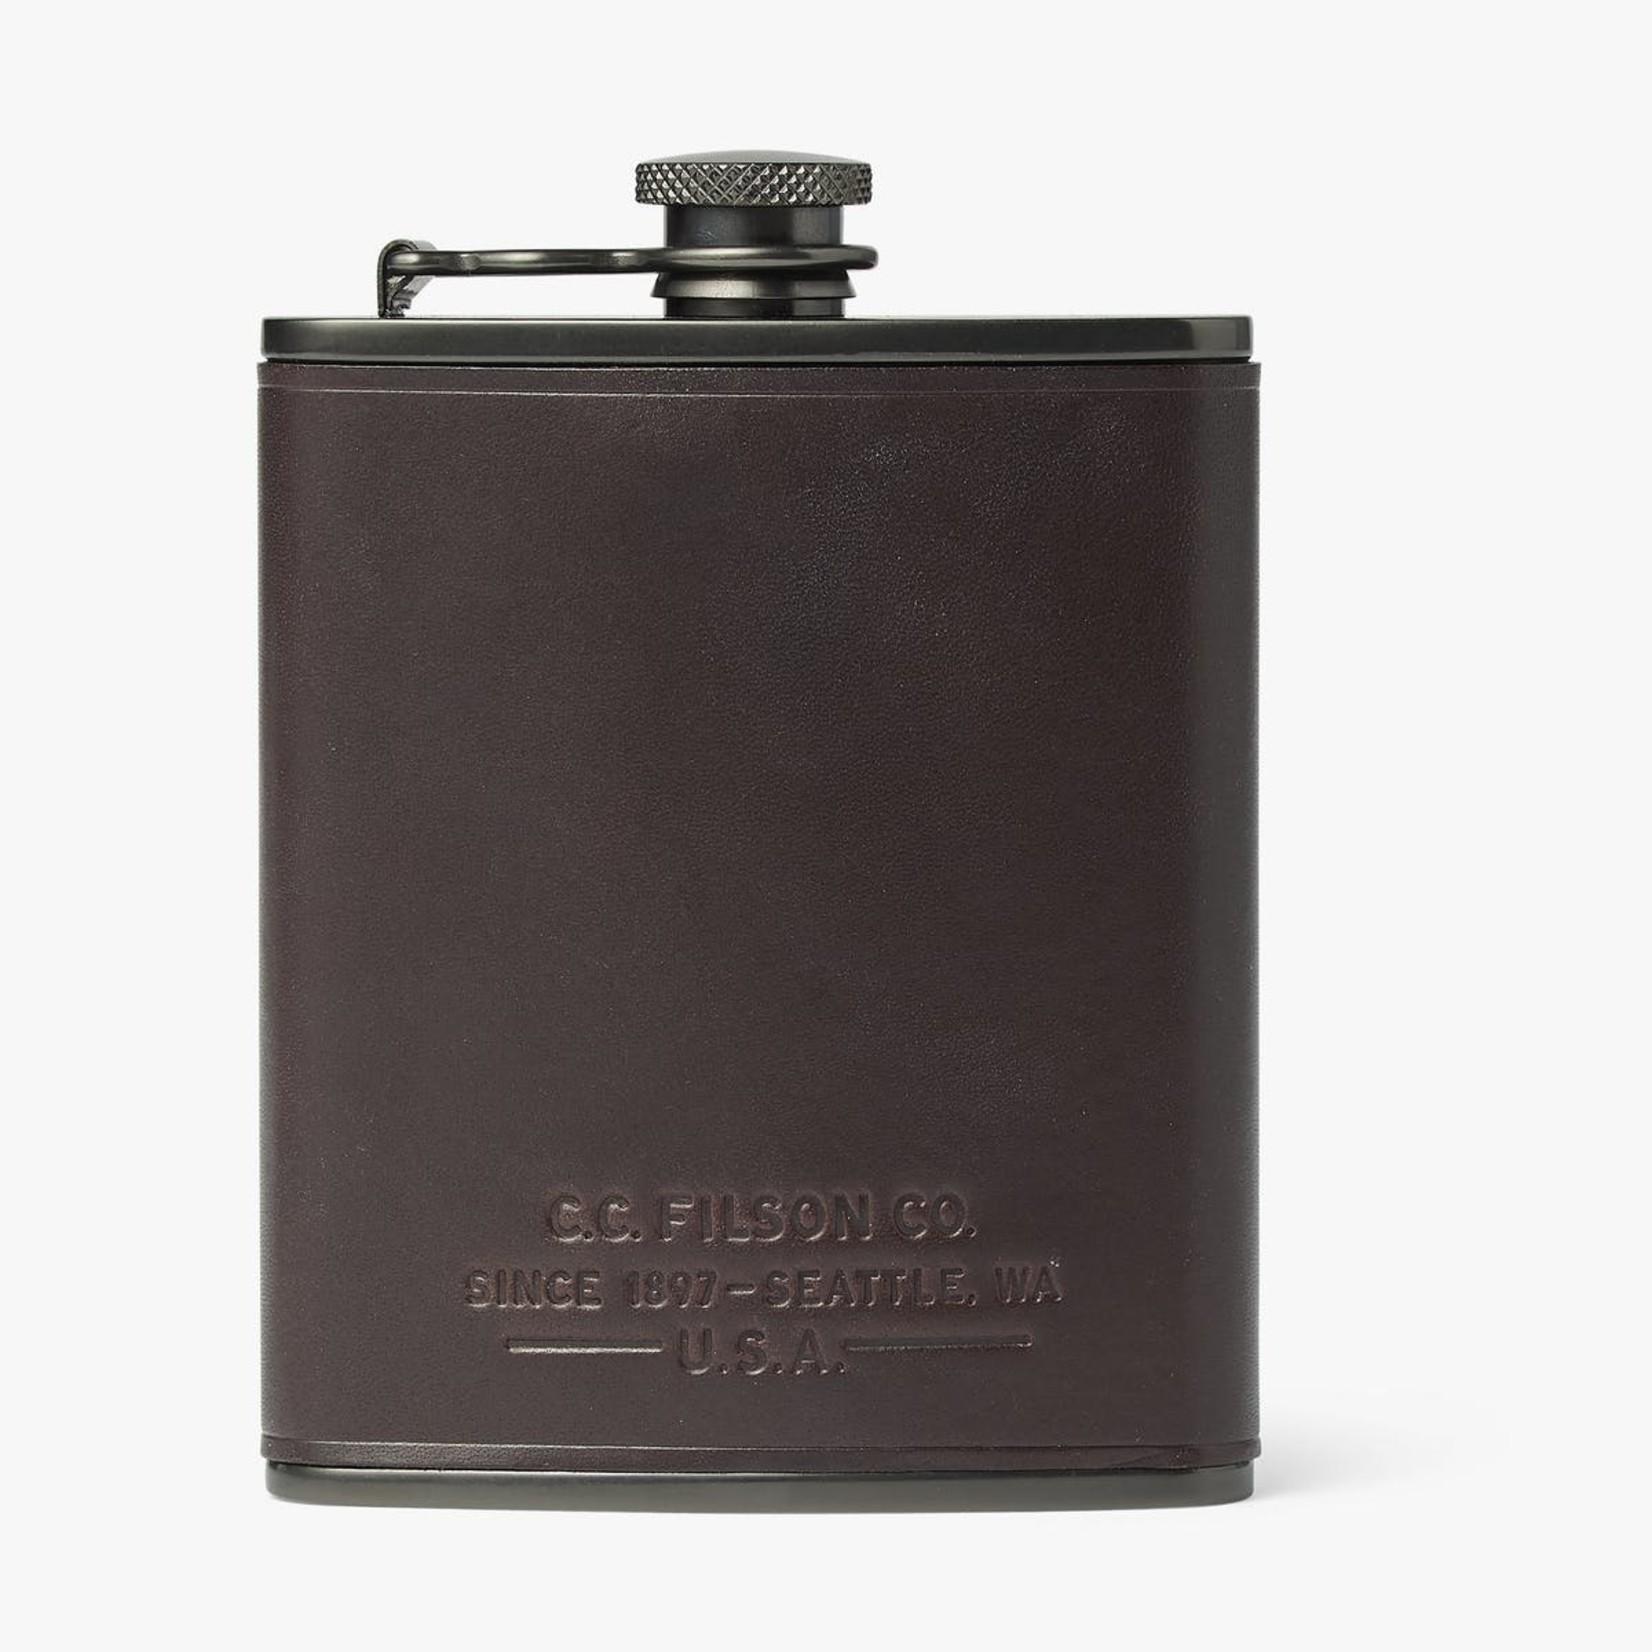 Filson Filson 20175628 Trusty Flask